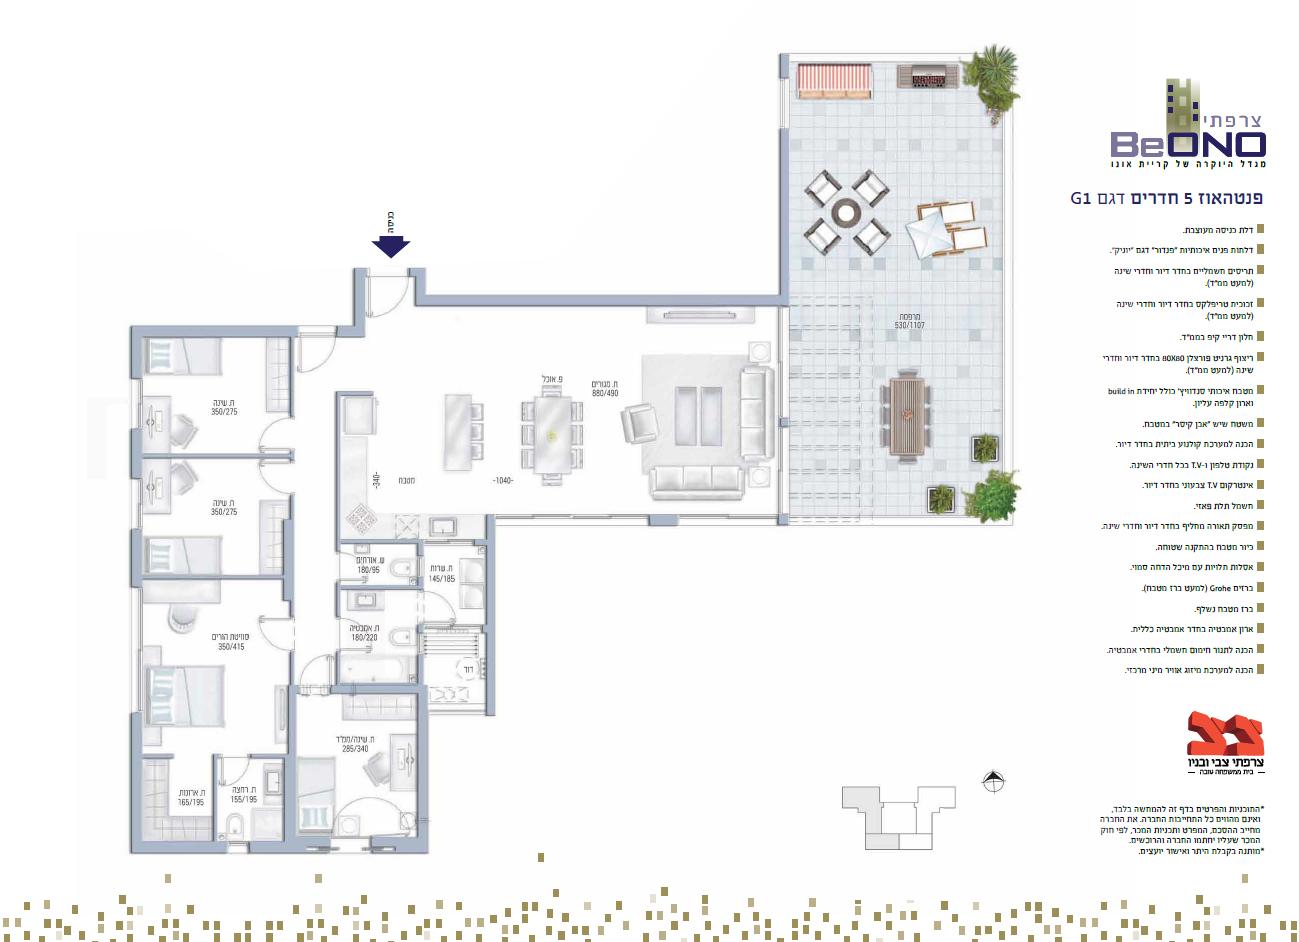 שרטוטים דירות בפרויקט BEONO - קריית אונו